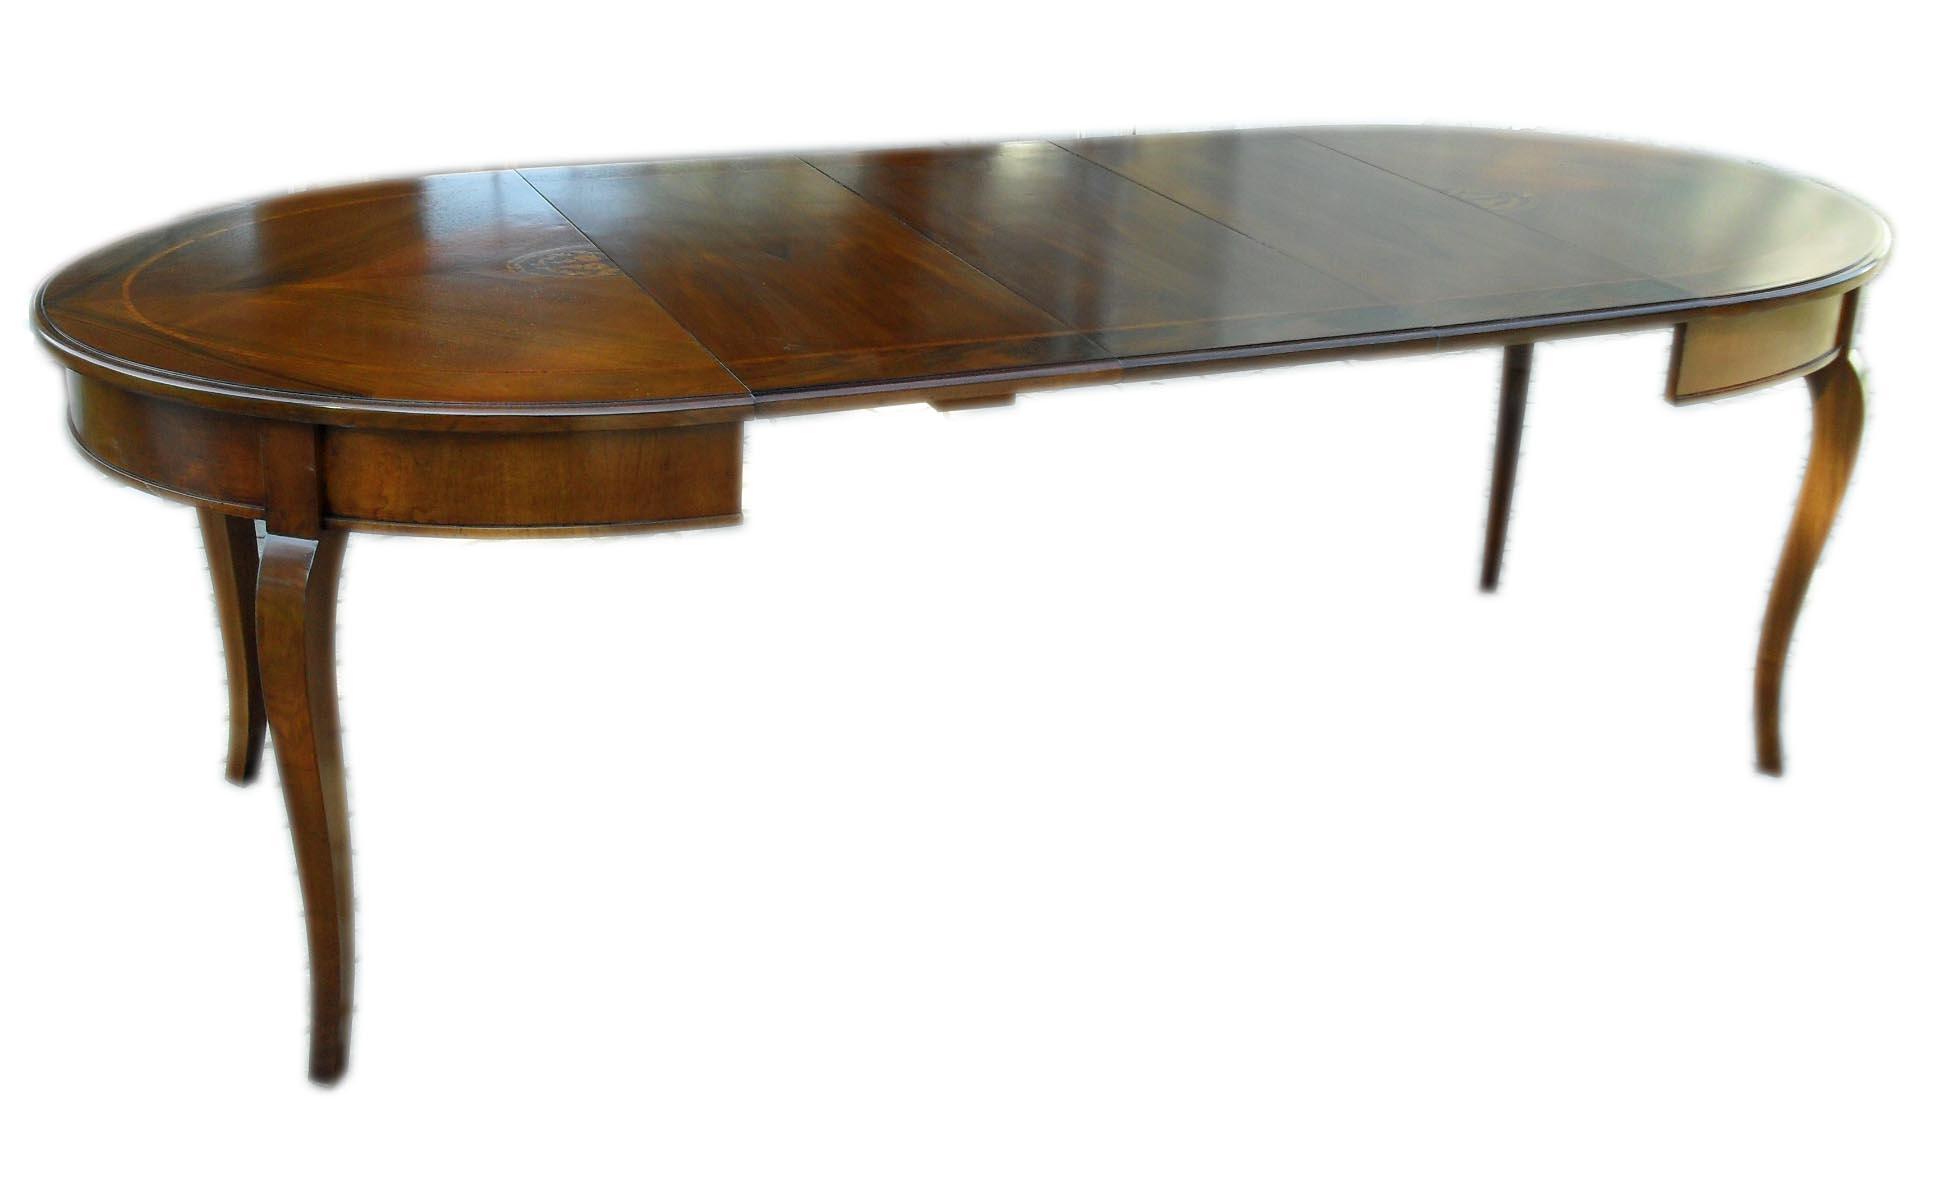 Tavolo ovale allungabile classico con intarsio la - Tavolo consolle allungabile stile classico ...